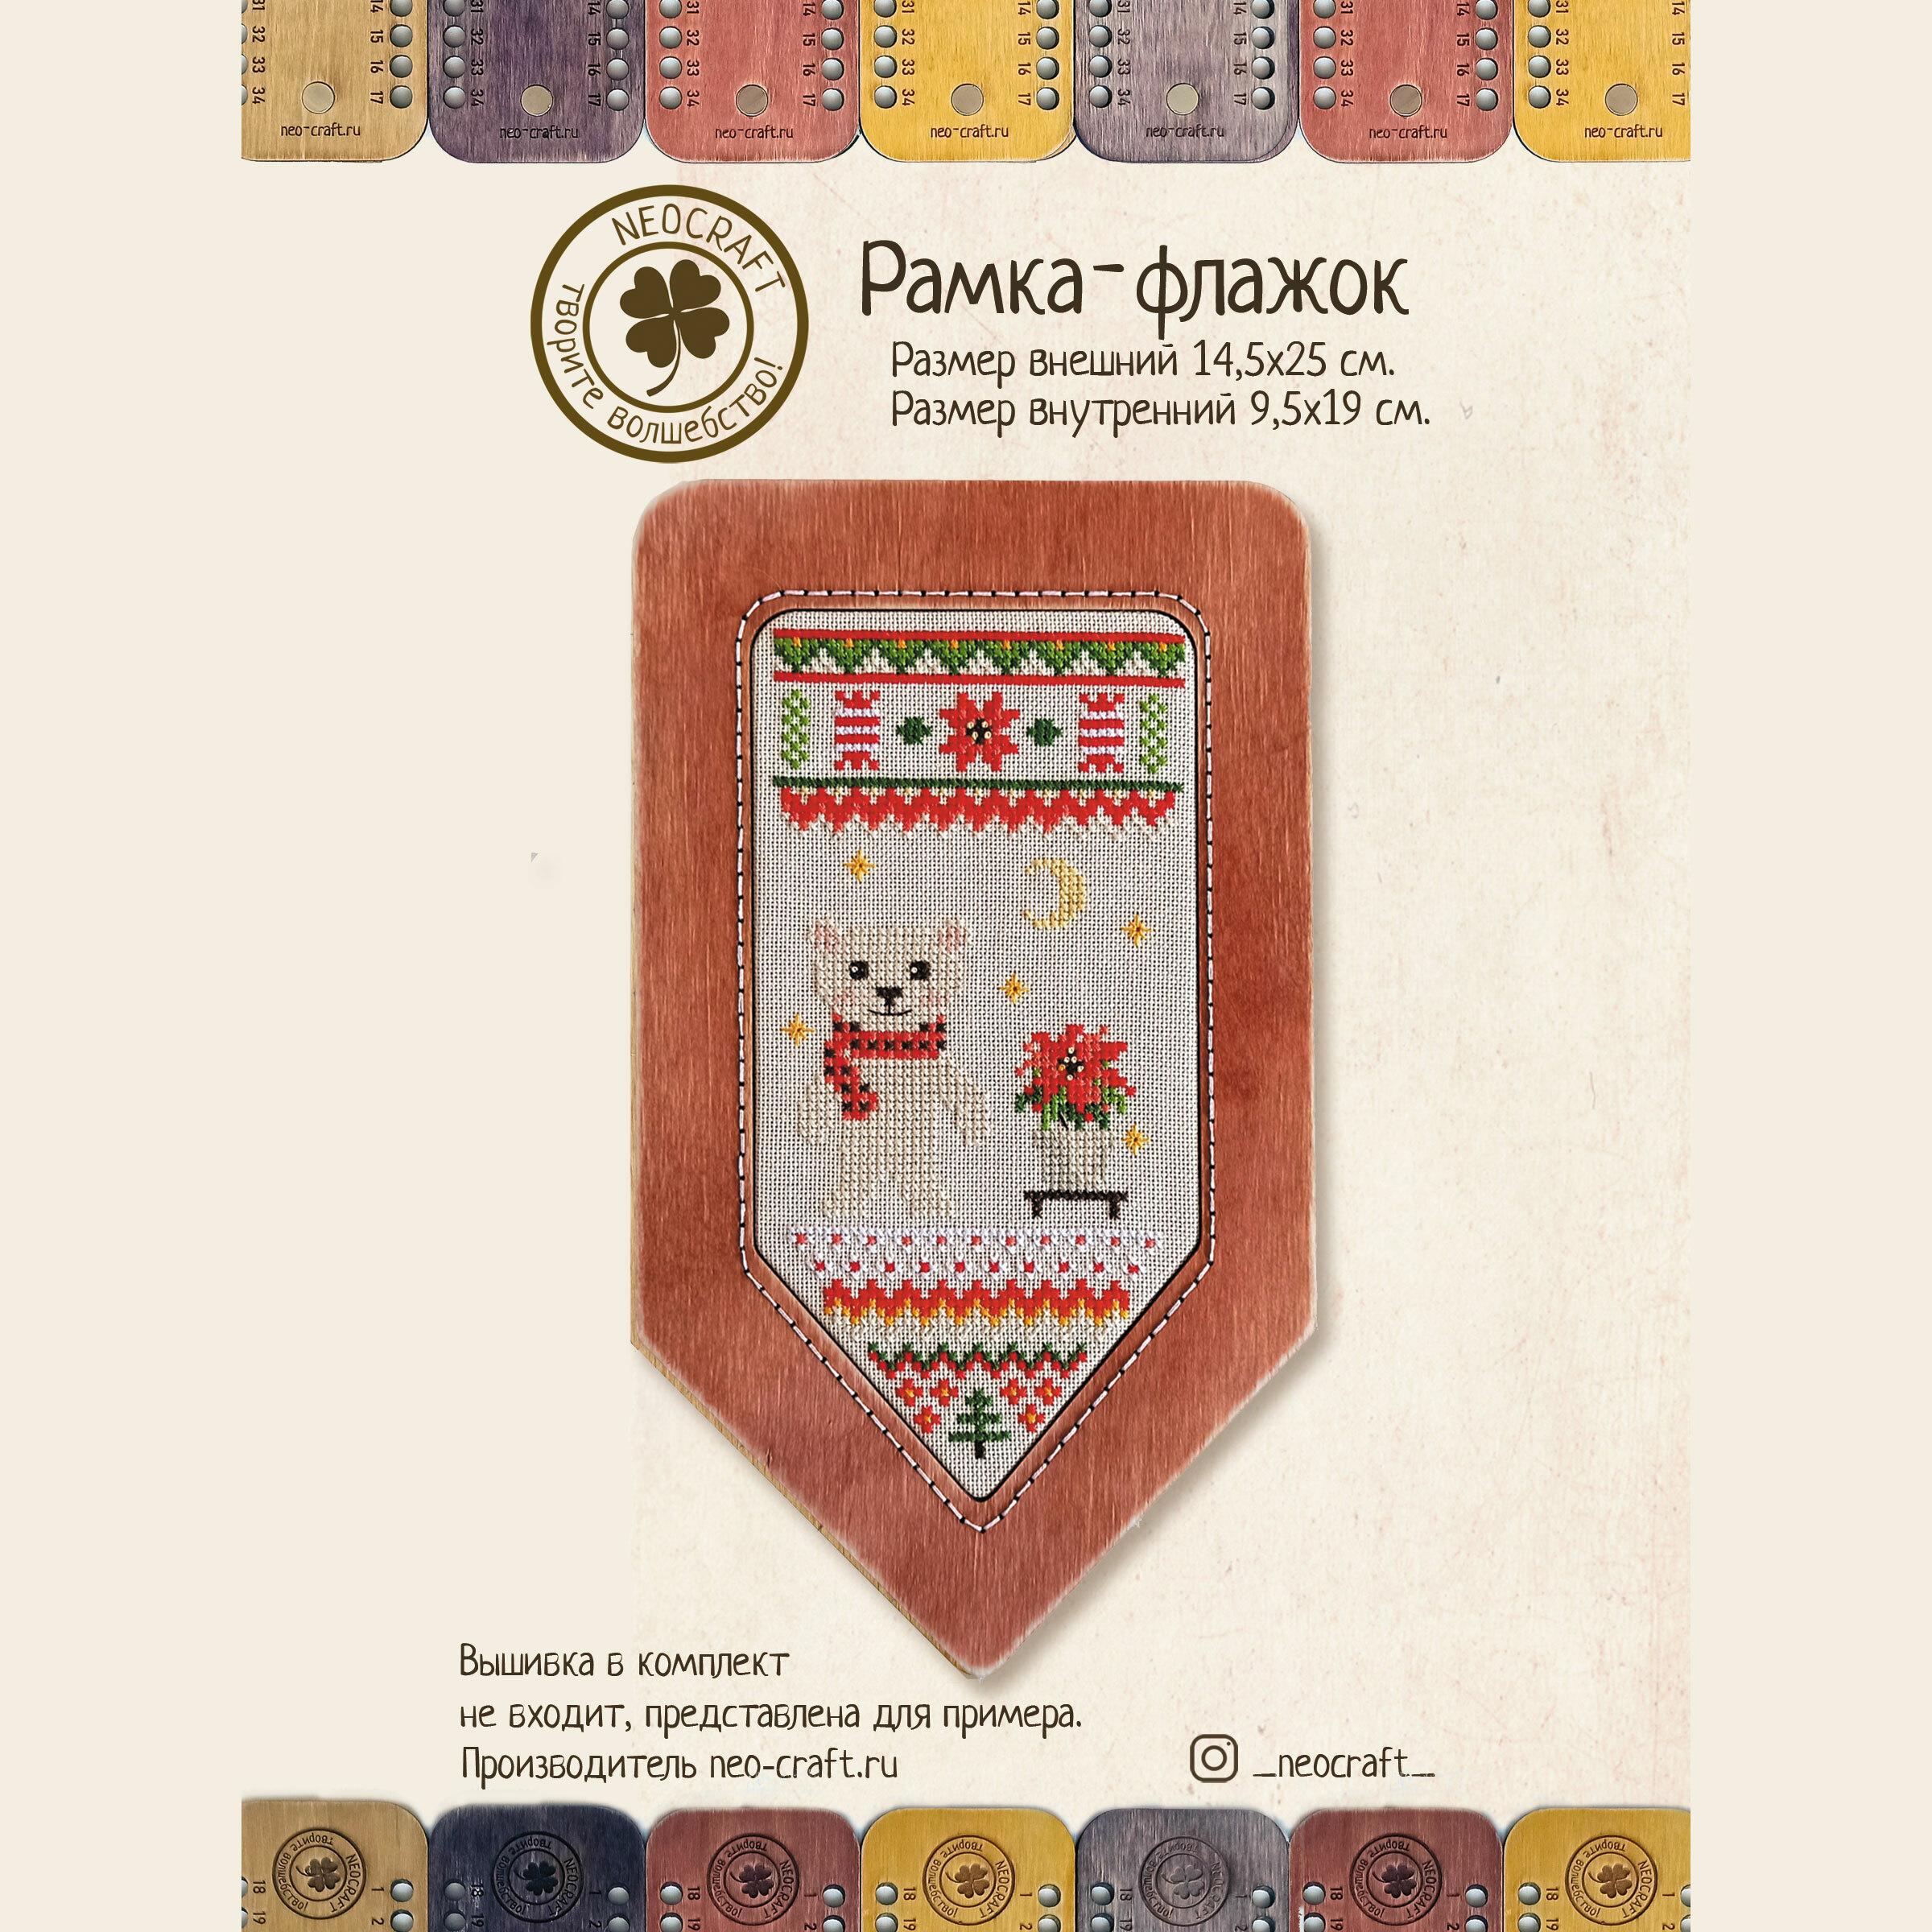 Рамка для вышивки Флажок (цвет Ягодный) Ди-1006